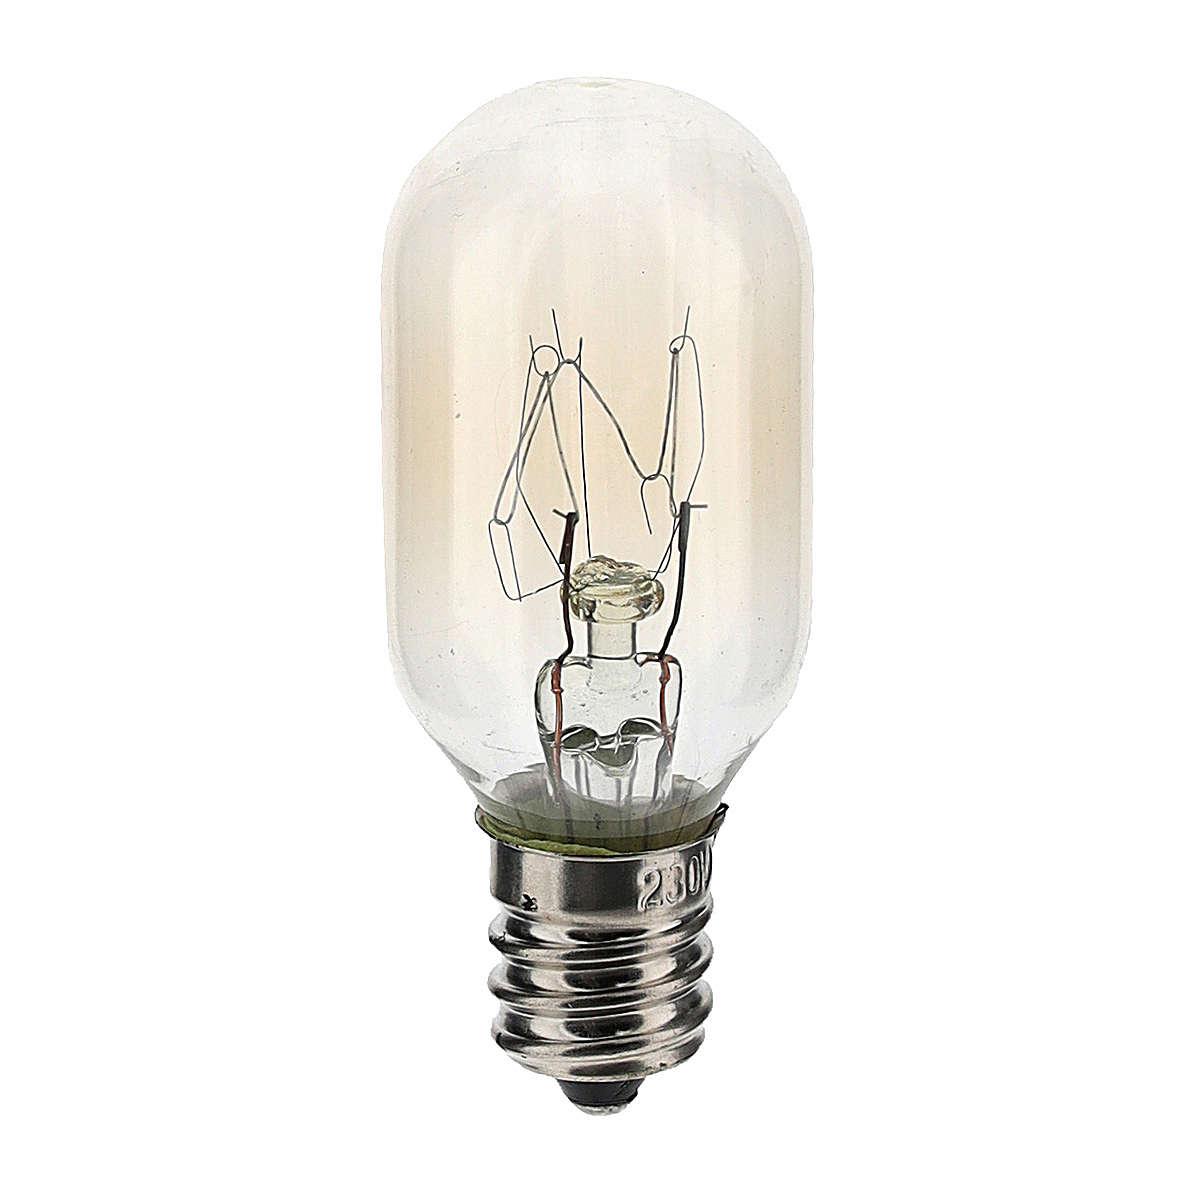 3 lumen bulb 220V E12 1.5W 4